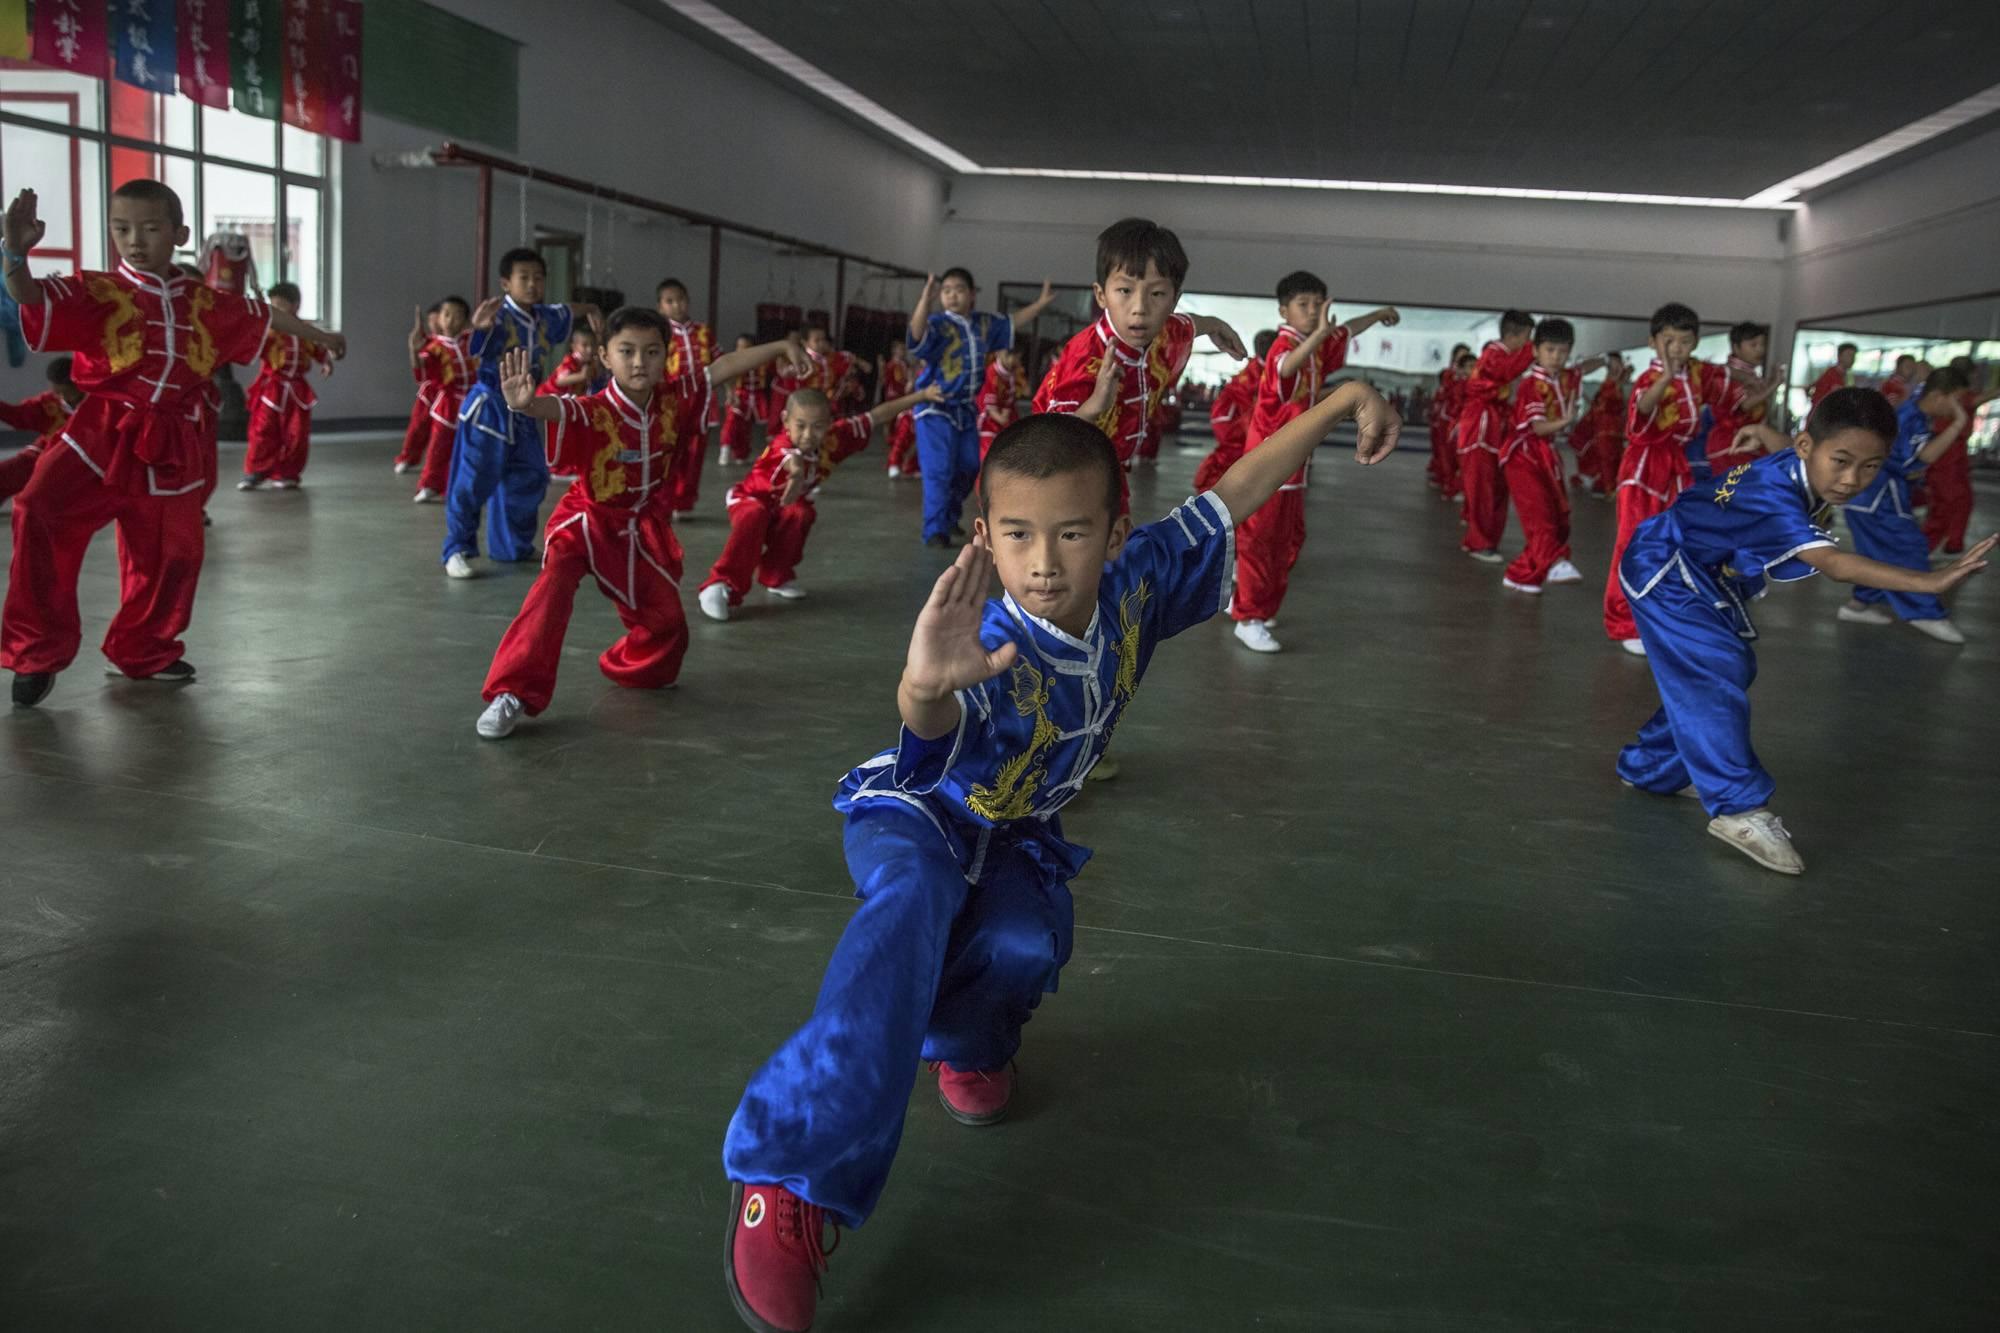 Kuan megye, 2017. szeptember 8.Formagyakorlatokat végeznek egy kungfuiskola fiatal növendékei egy kínai harcművészeti központban a Hopej tartománybeli Kuan megyében, Pekingtől északra 2017. június 10-én. (MTI/EPA/Roman Pilipej)